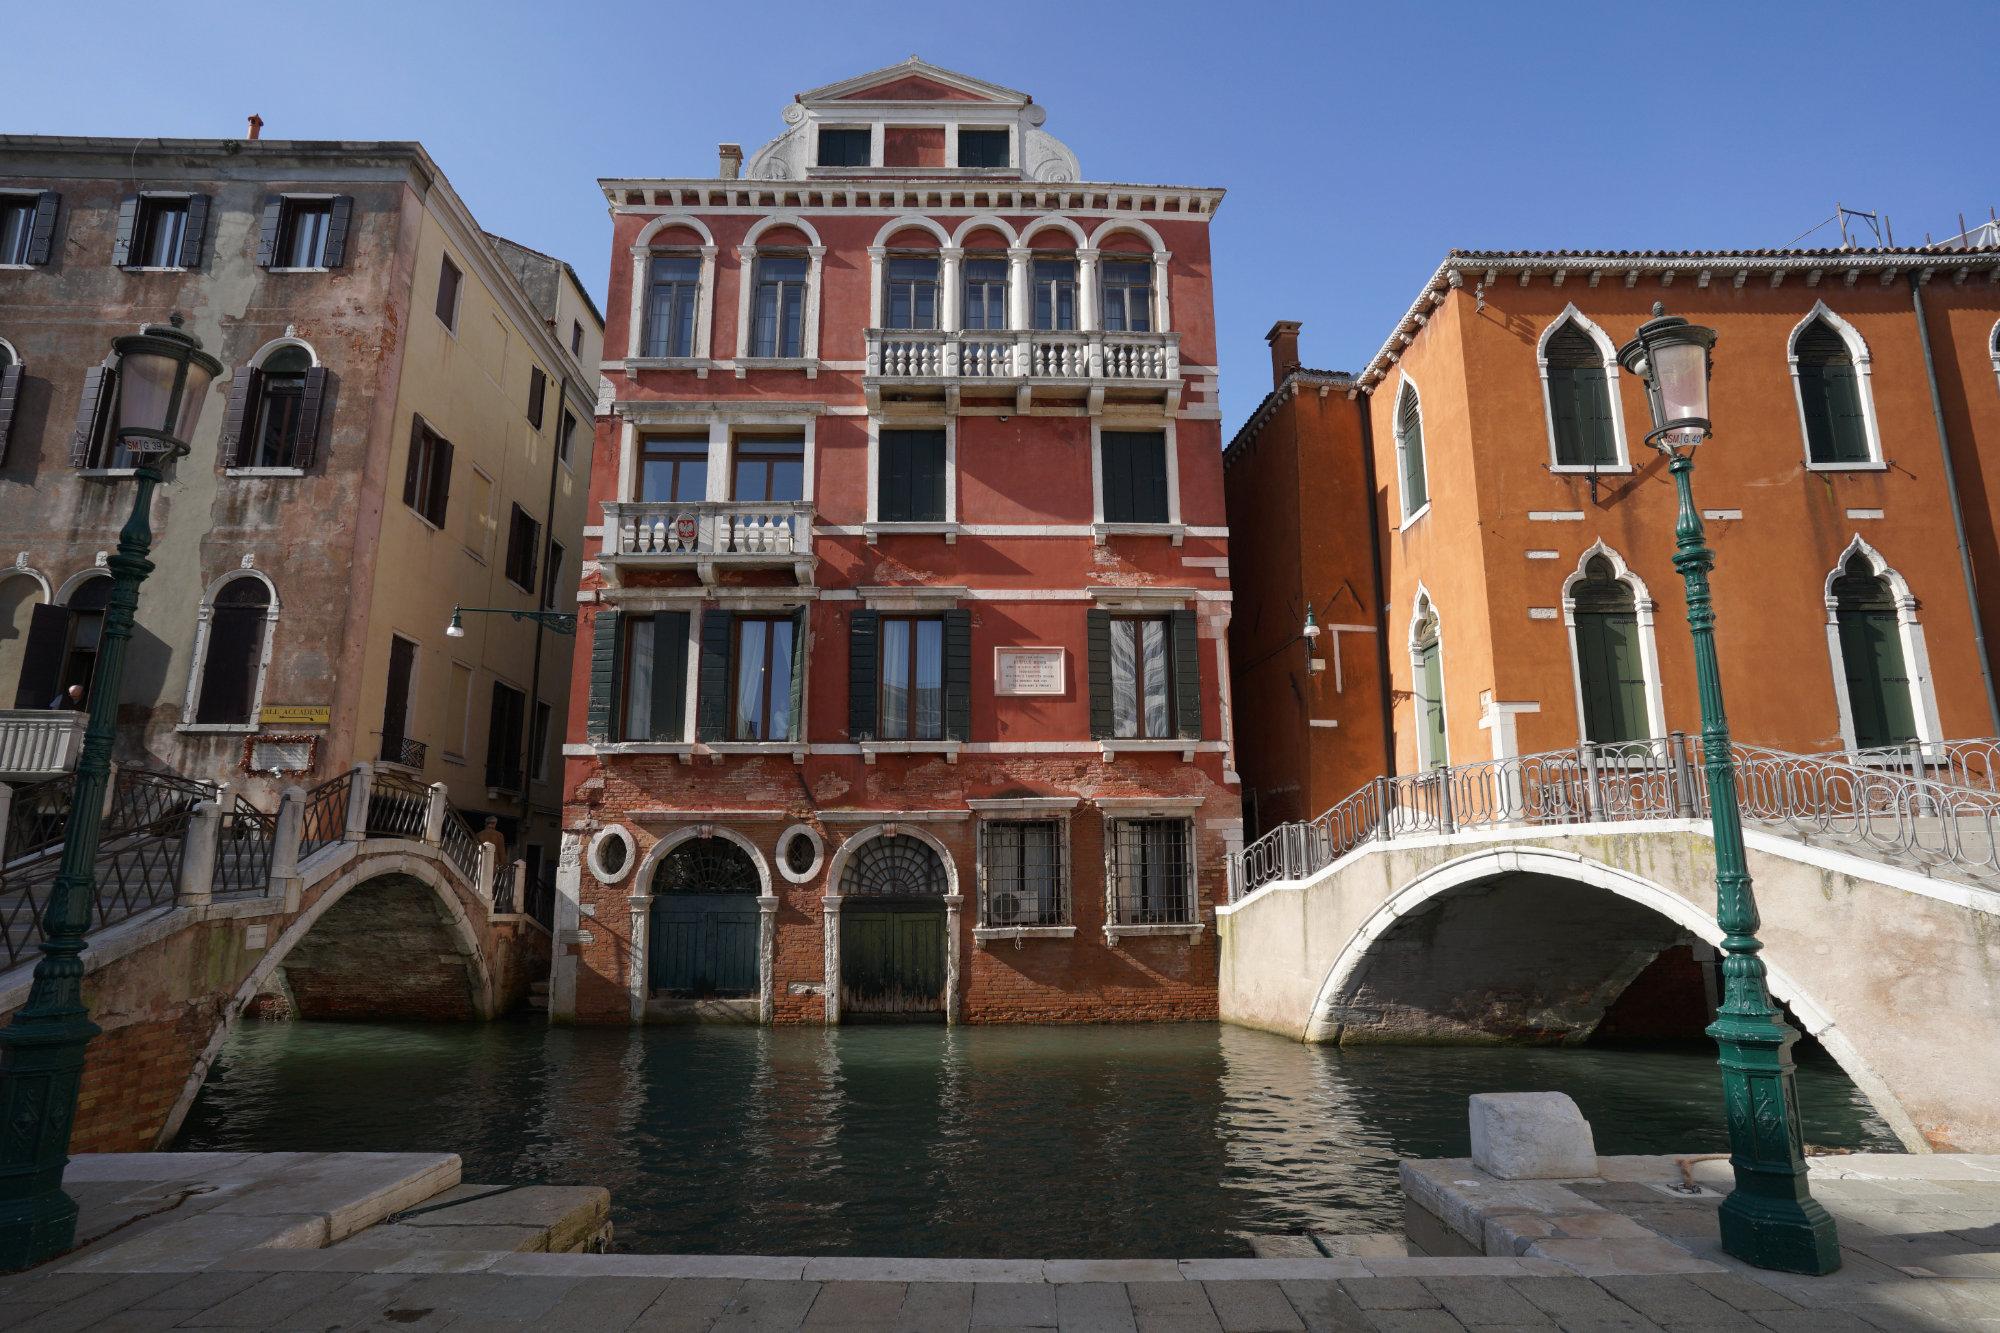 Venedig Haus und Kanal